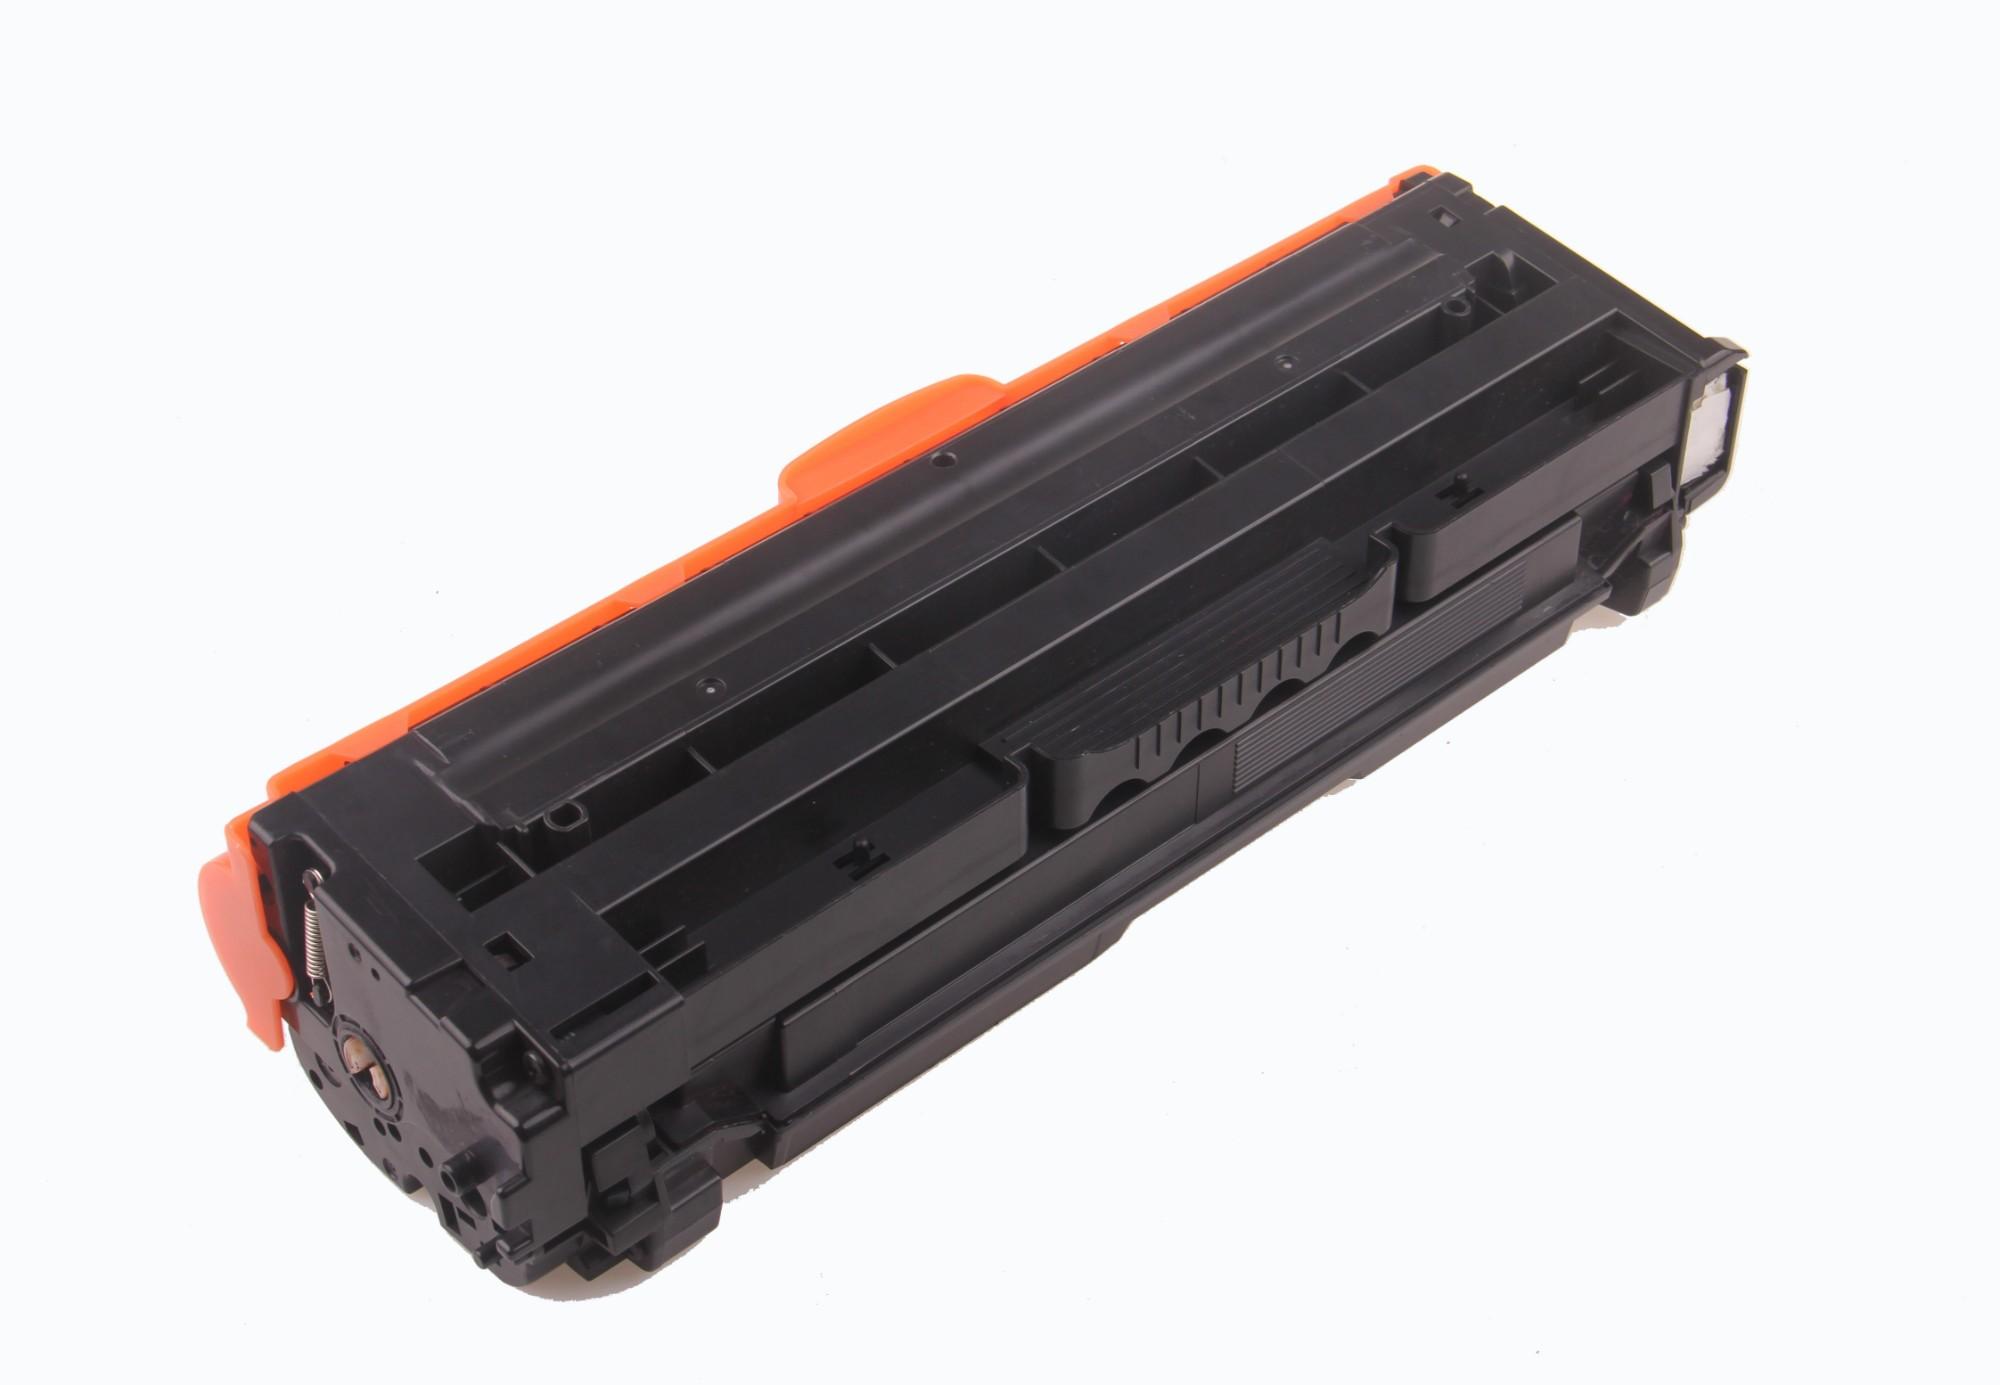 Remanufactured Samsung CLT-K506L / HP SU171A Black Toner Cartridge